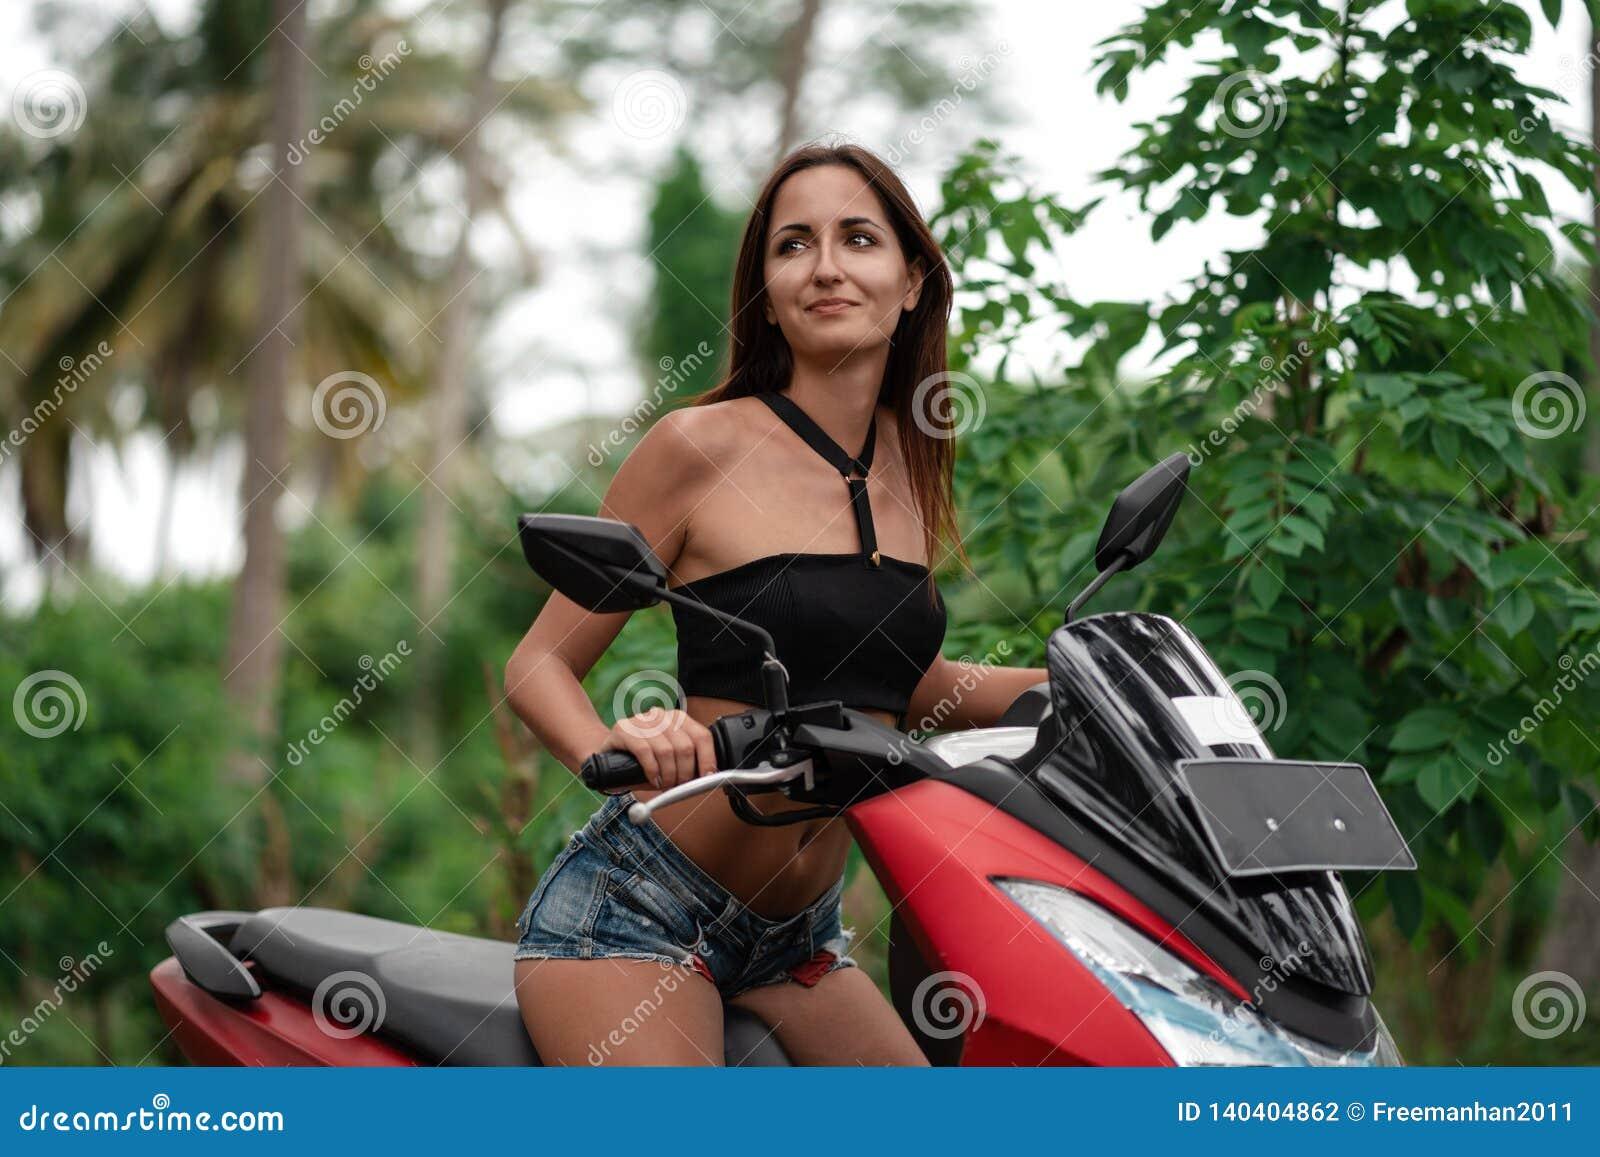 Μαυρισμένη καυκάσια υπηκοότητα κοριτσιών που οδηγεί ένα κόκκινο otorcycle